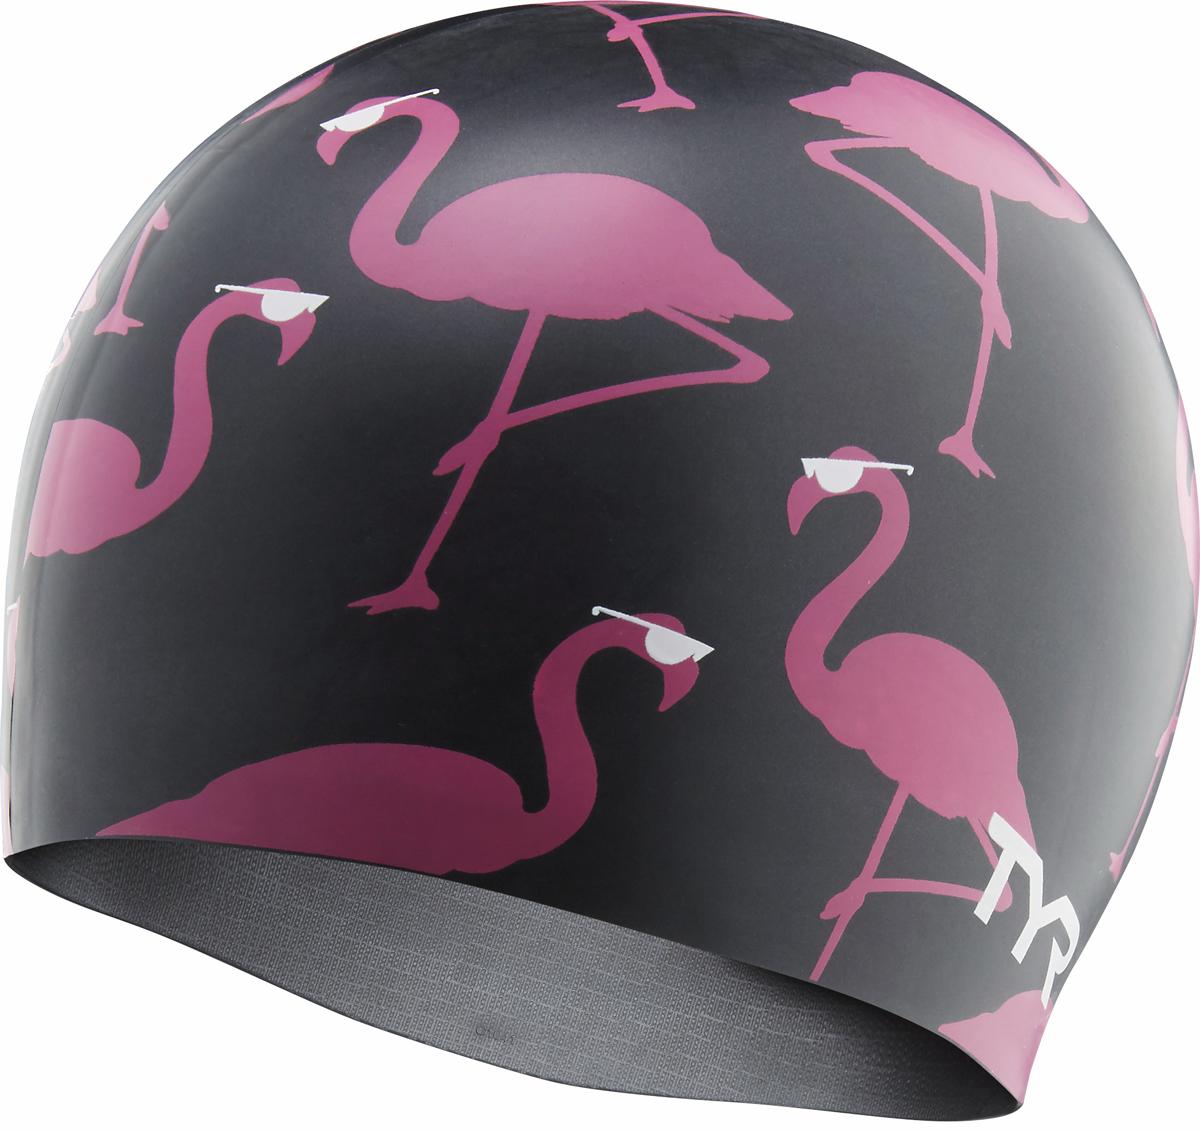 Шапочка для плавания TYR Silicone Pink Flamingo Cap, цвет: черный, розовый. LCSFLAGOLCSFLAGOСиликоновая шапочка TYR с принтом изготовлена из высококачественного материала, устойчивого к воздействию хлорированной воды, что гарантирует долгий срок службы. Материал шапочки не вызывает раздражения кожи и других аллергических реакций. Прекрасный вариант для тренировок в бассейне.